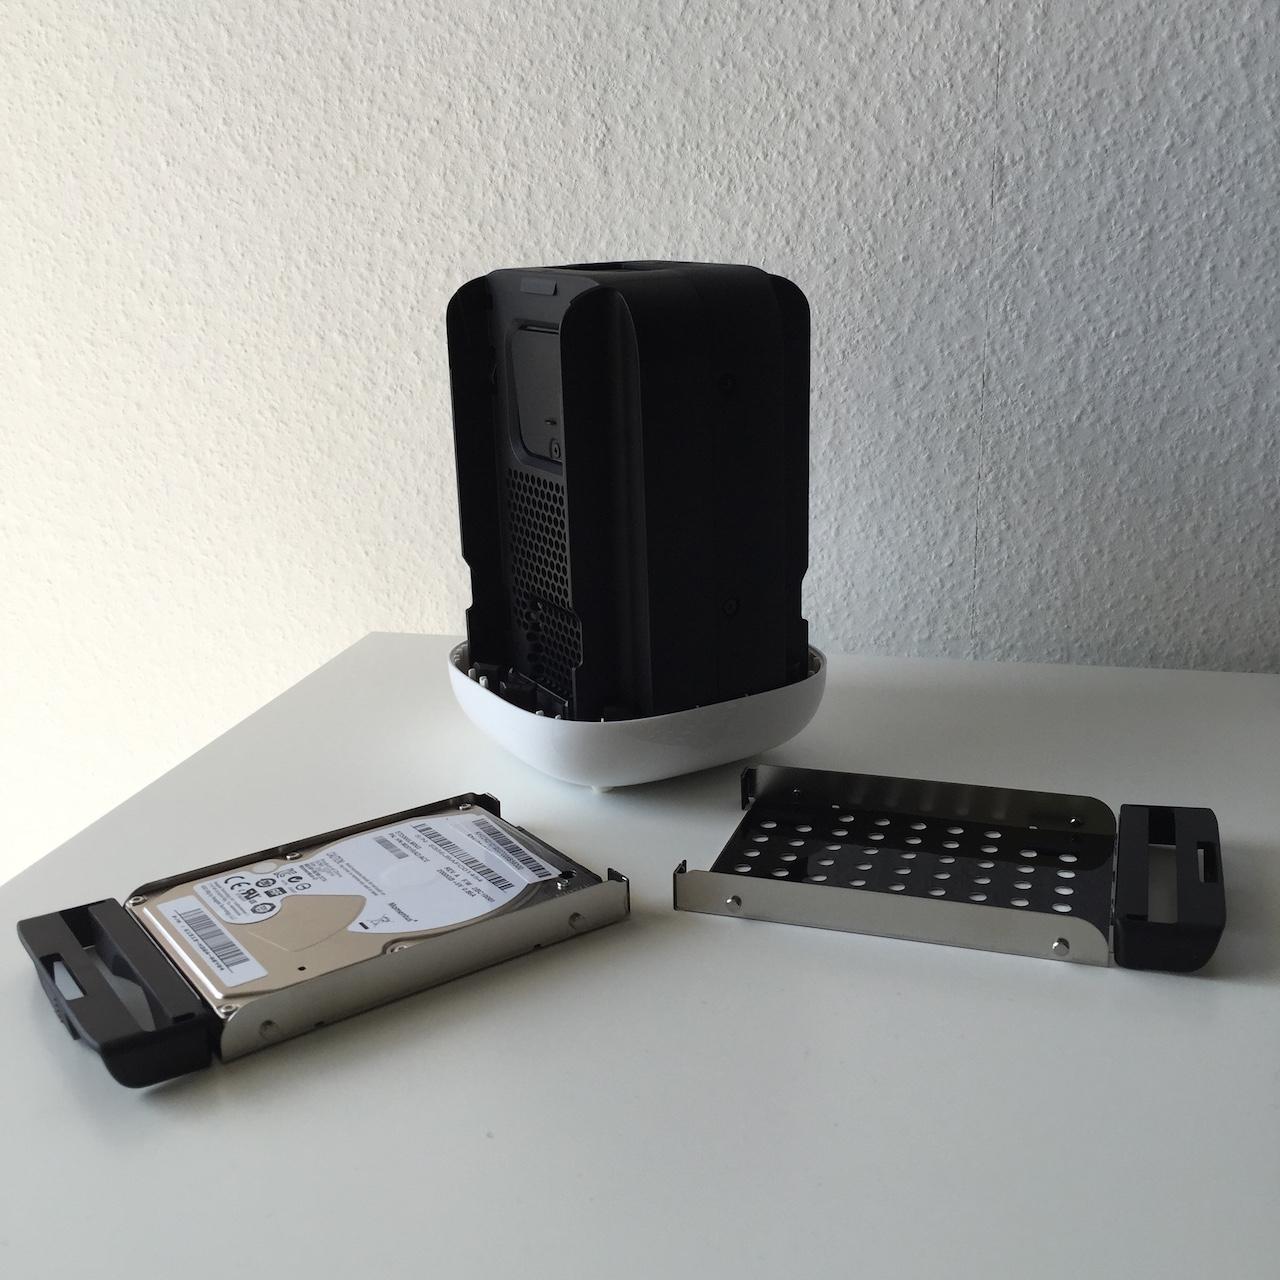 Acer Revo One - 2